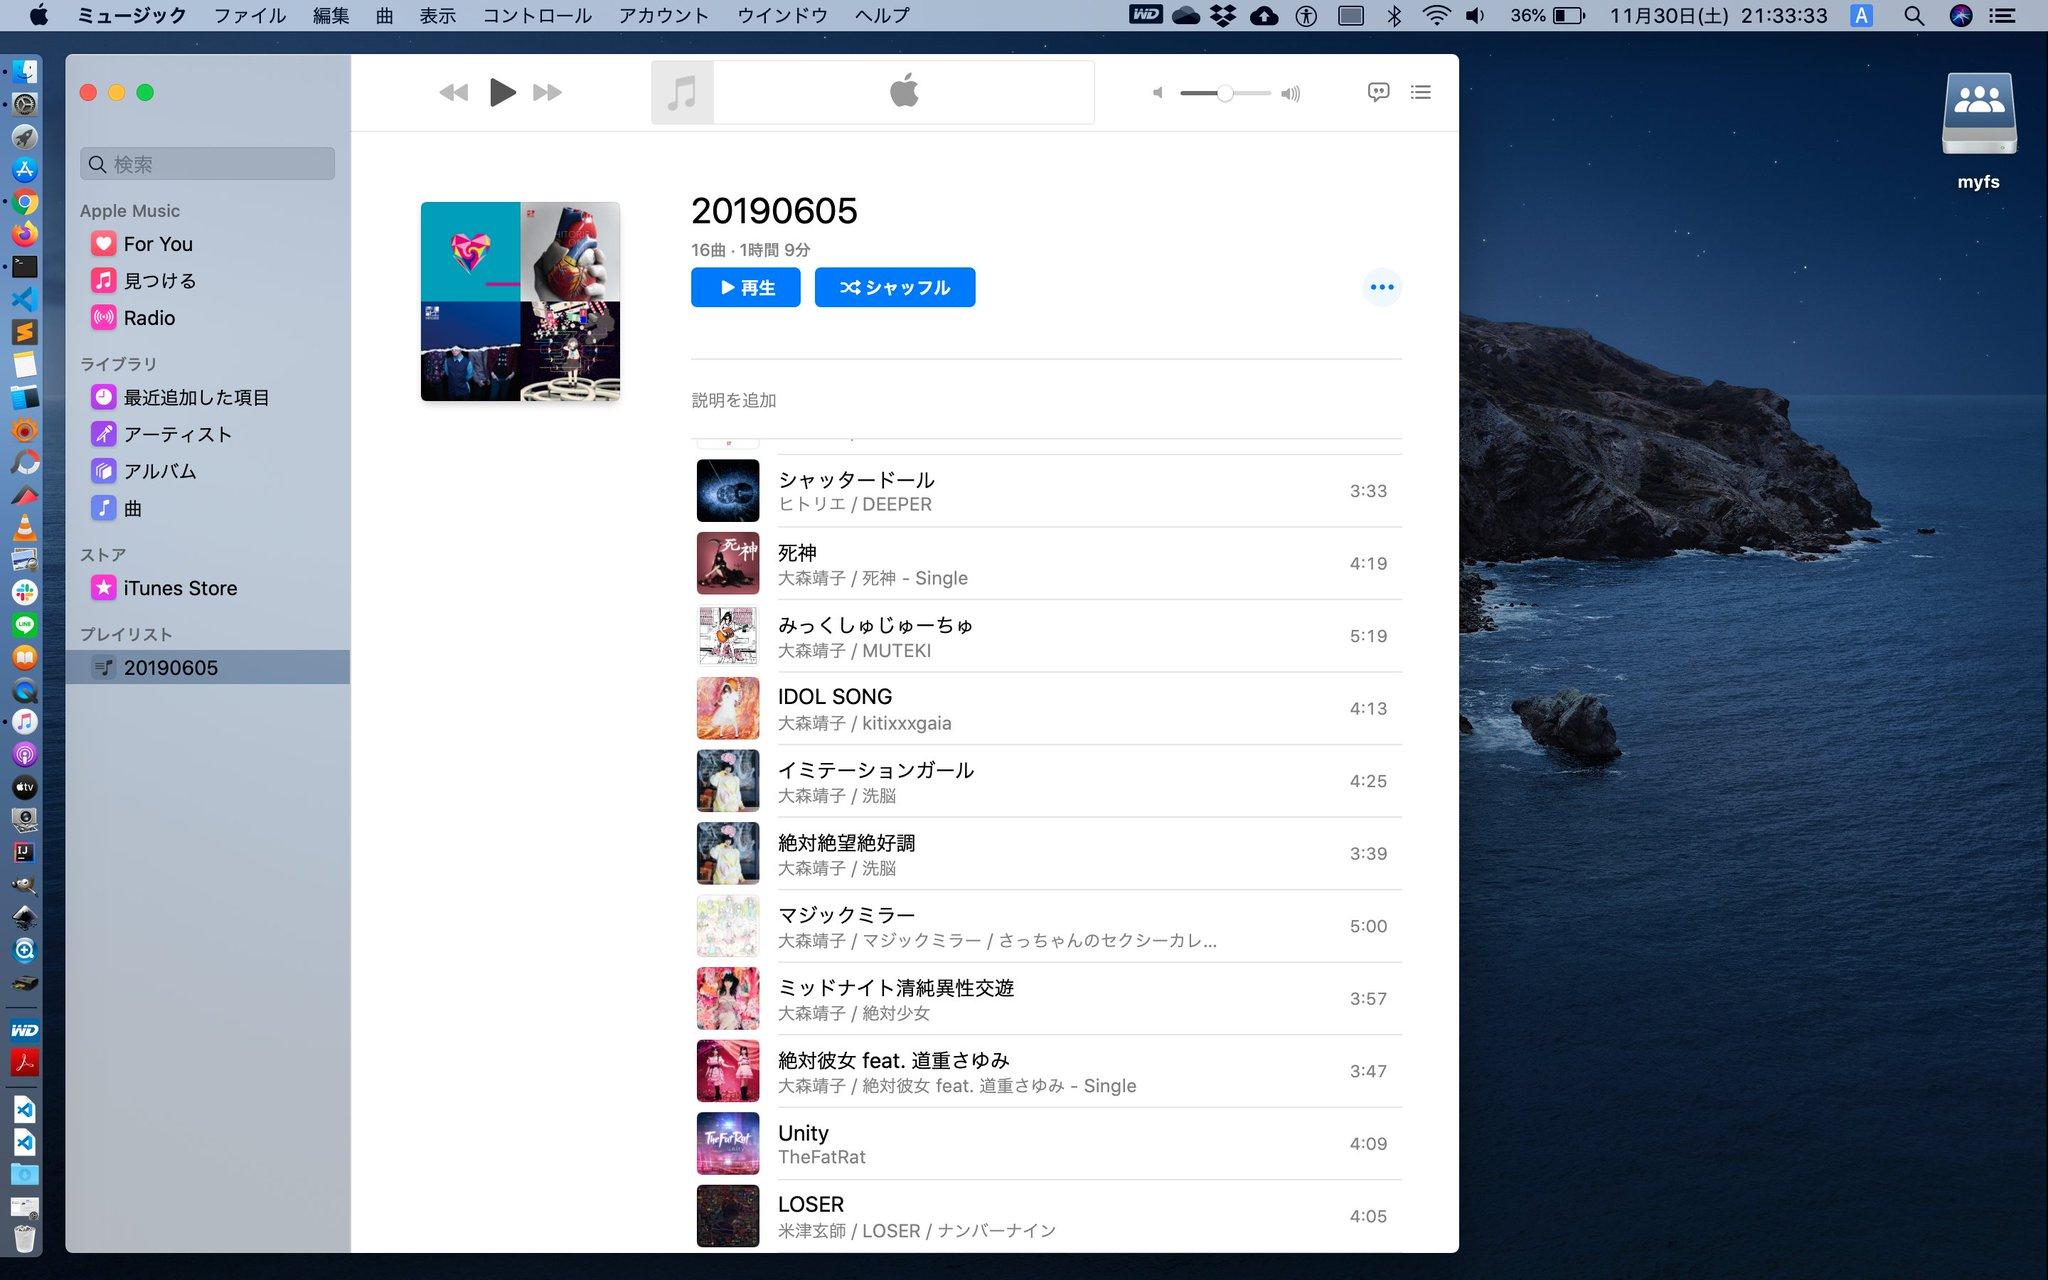 macOS Catalina のミュージックアプリをはじめて起動した気がする。iTunes とあんまり変わらないように見える。車載 iPod のためにプレイリスト作ろう。 https://t.co/Ok1xdc9Eji